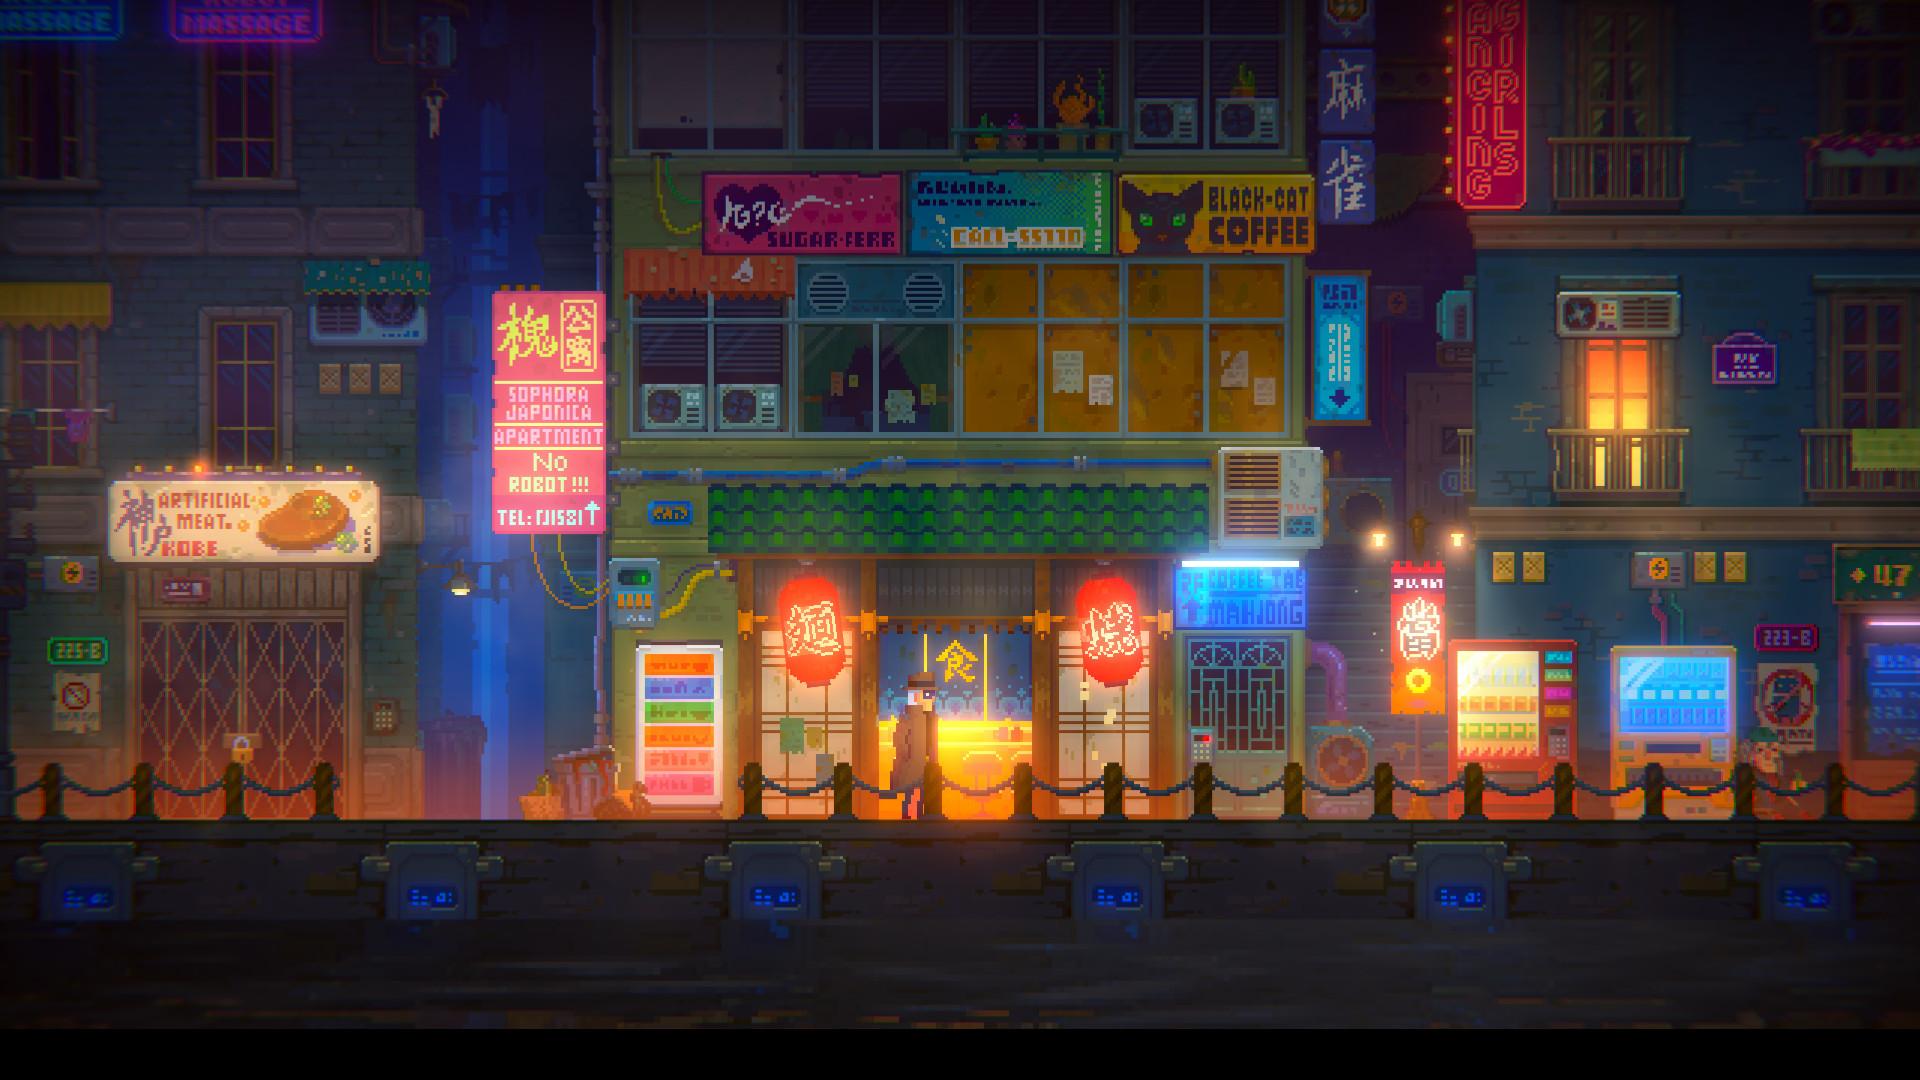 国产像素冒险游戏《迷雾侦探》免费Demo上架Steam